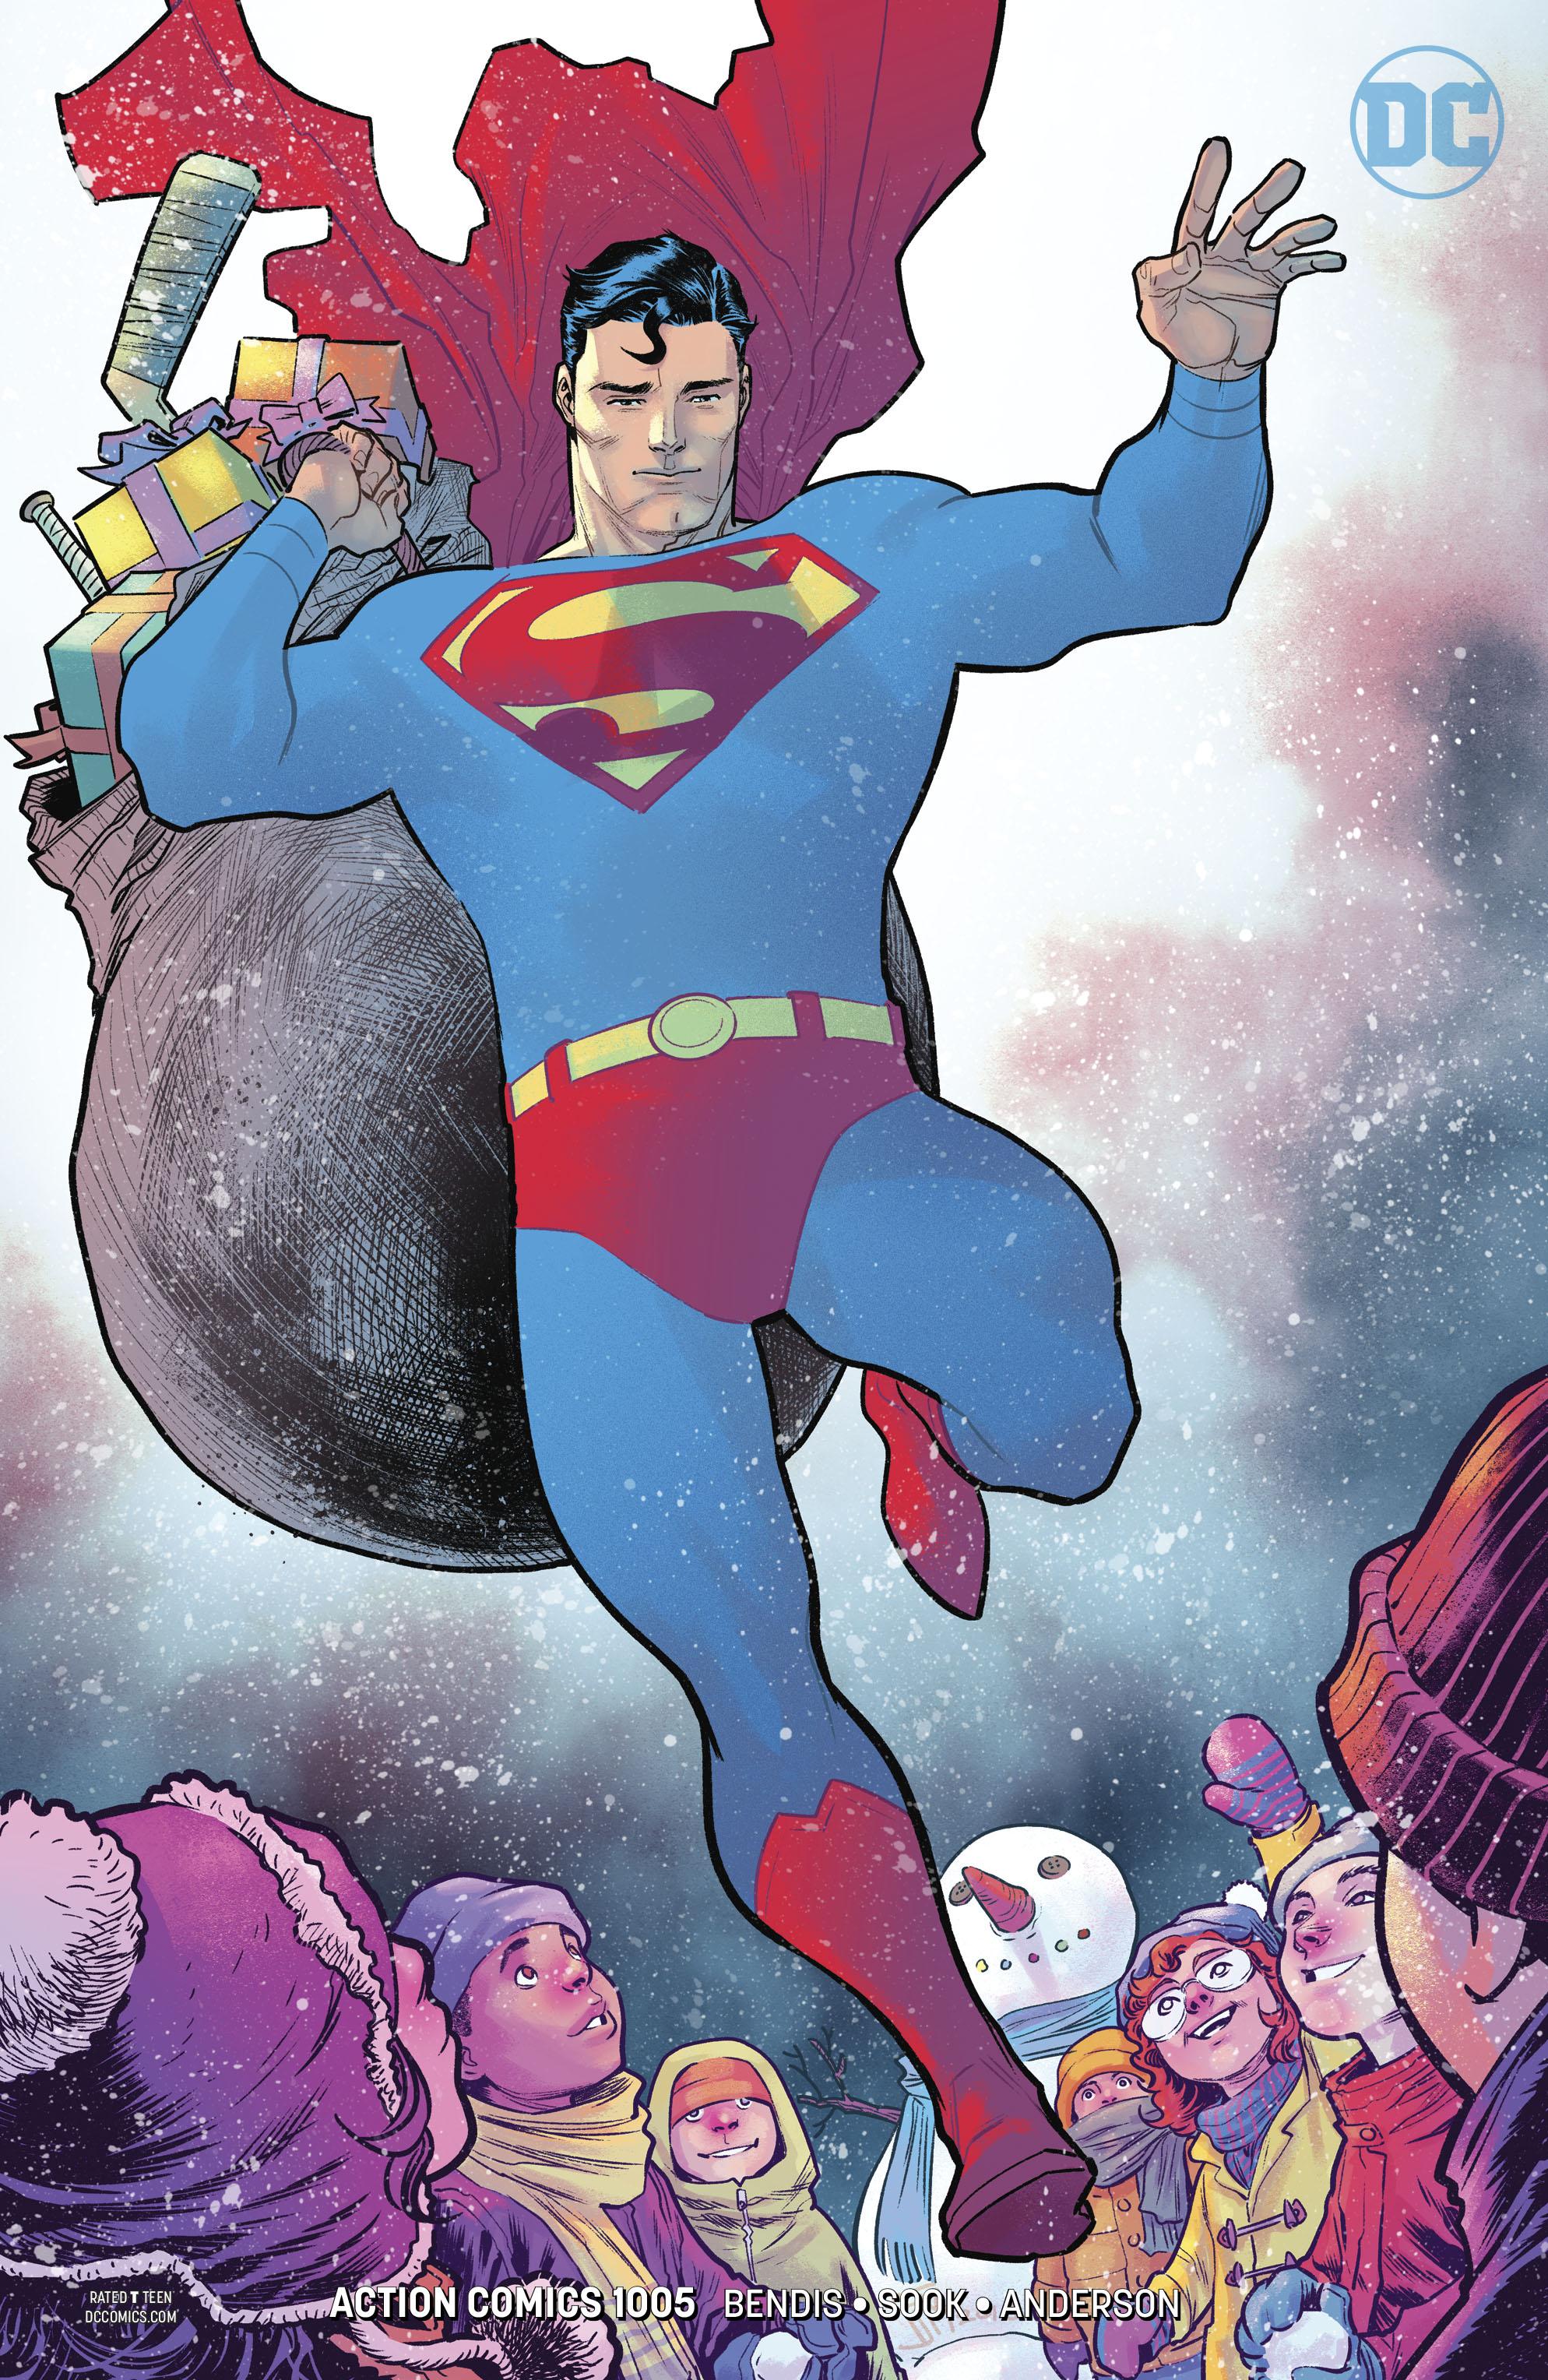 Action Comics Vol 1 1005 Variant.jpg